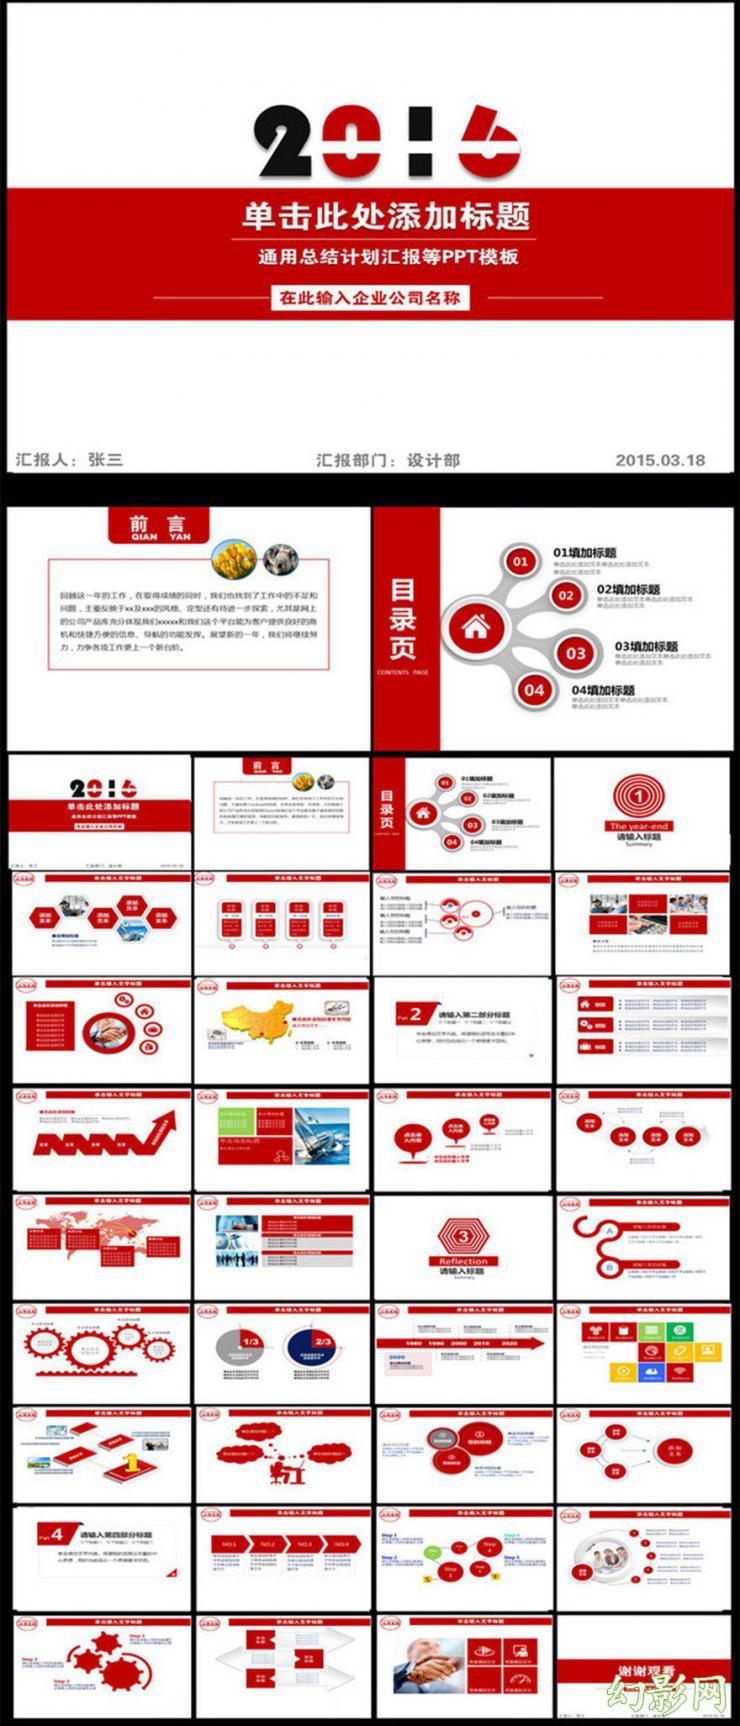 2017红色框架完整普升通用PPT模板